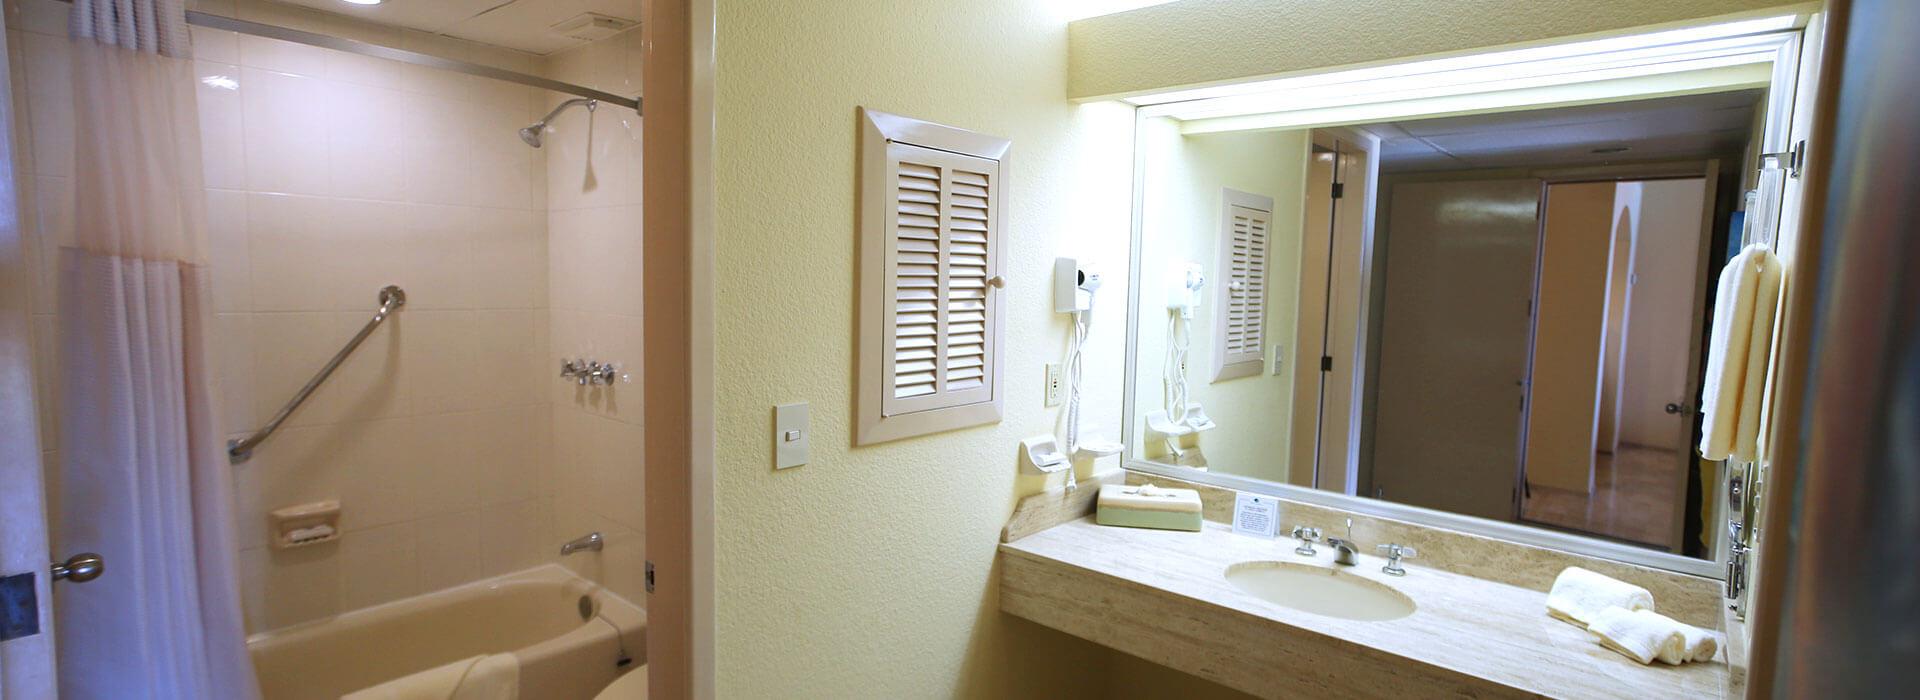 suites en Cancún con baño privado